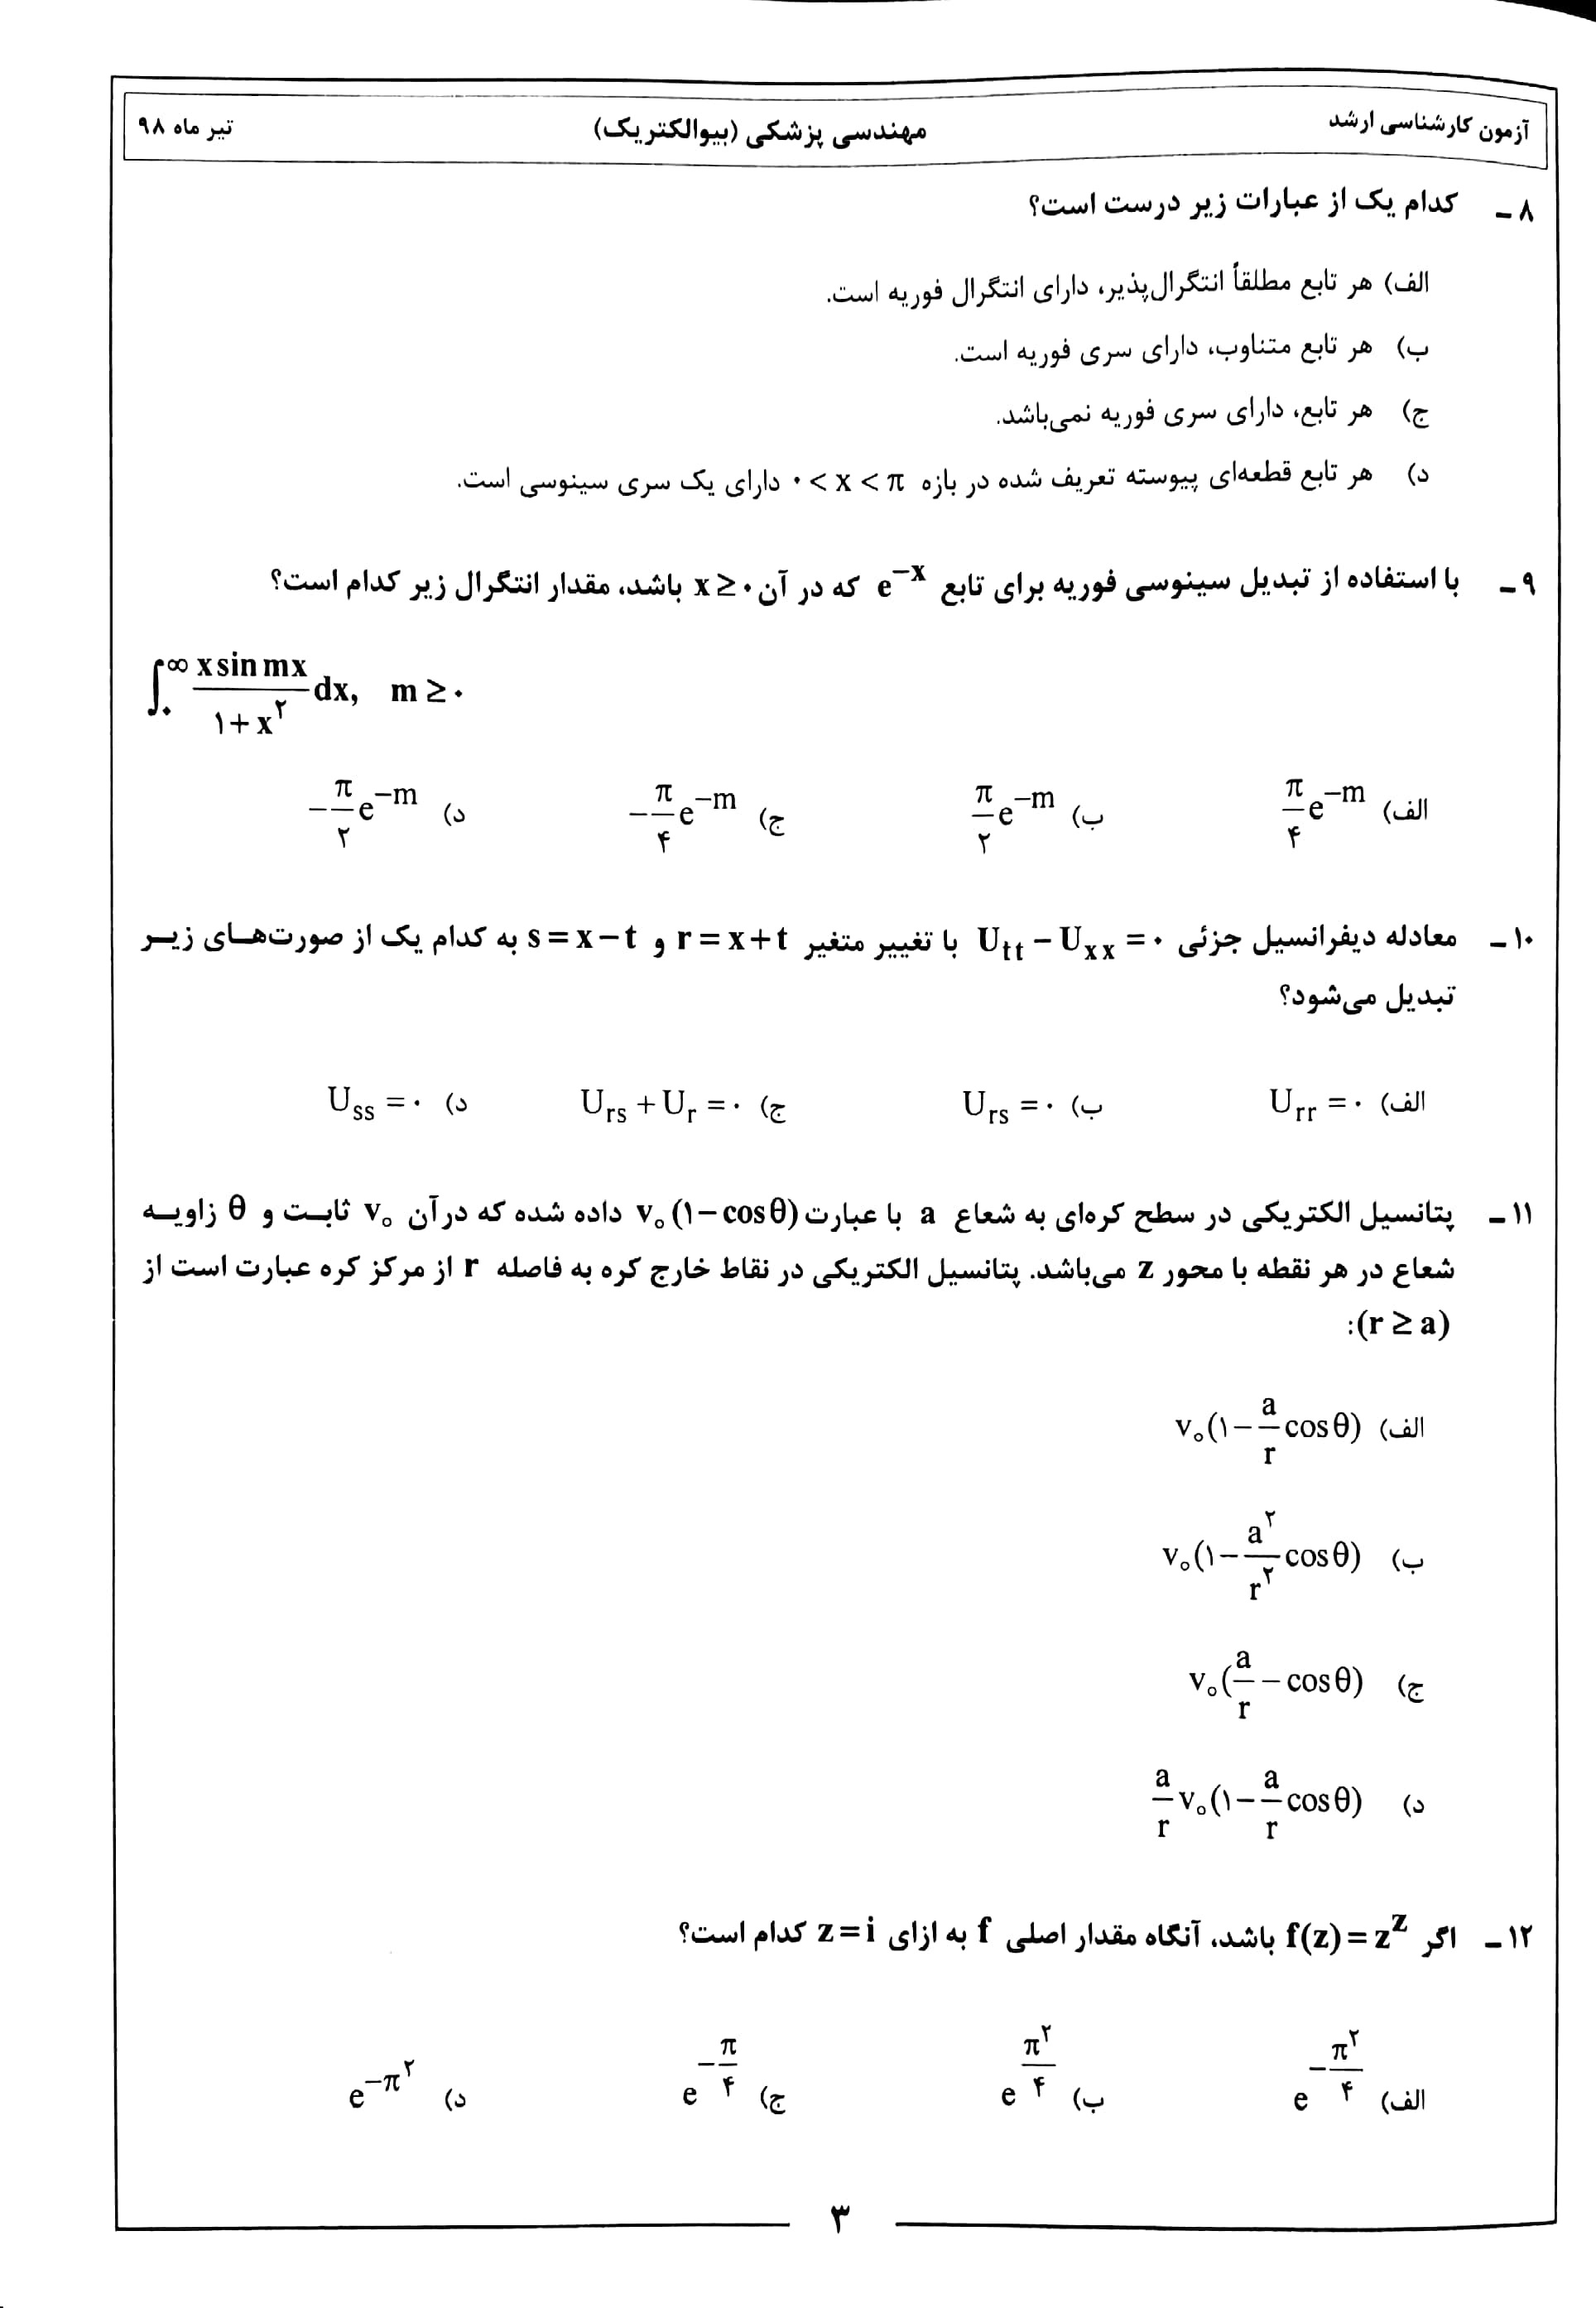 دفترچه سوالات کنکور کارشناسی ارشد وزارت بهداشت ٩٨، رشته ی مهندسی پزشکی بیوالکتریک